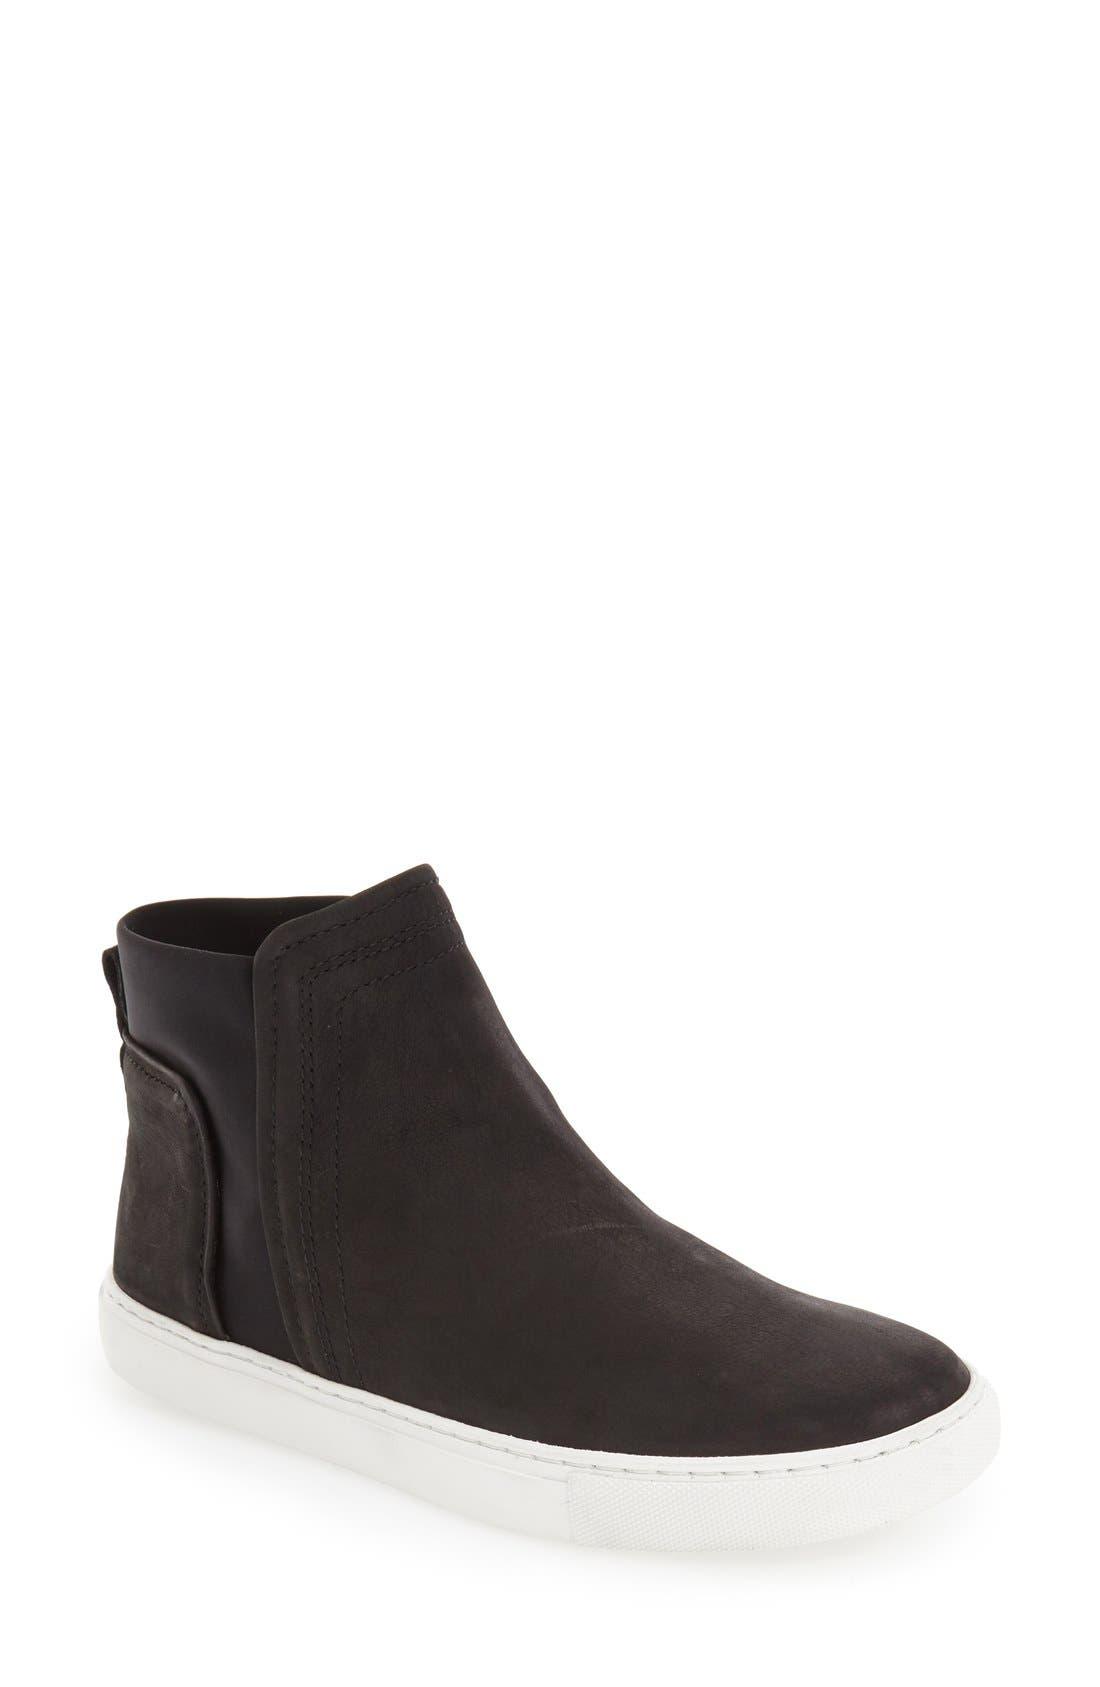 Kenneth Cole New York 'Ken' Leather Slip-On Sneaker (Women)